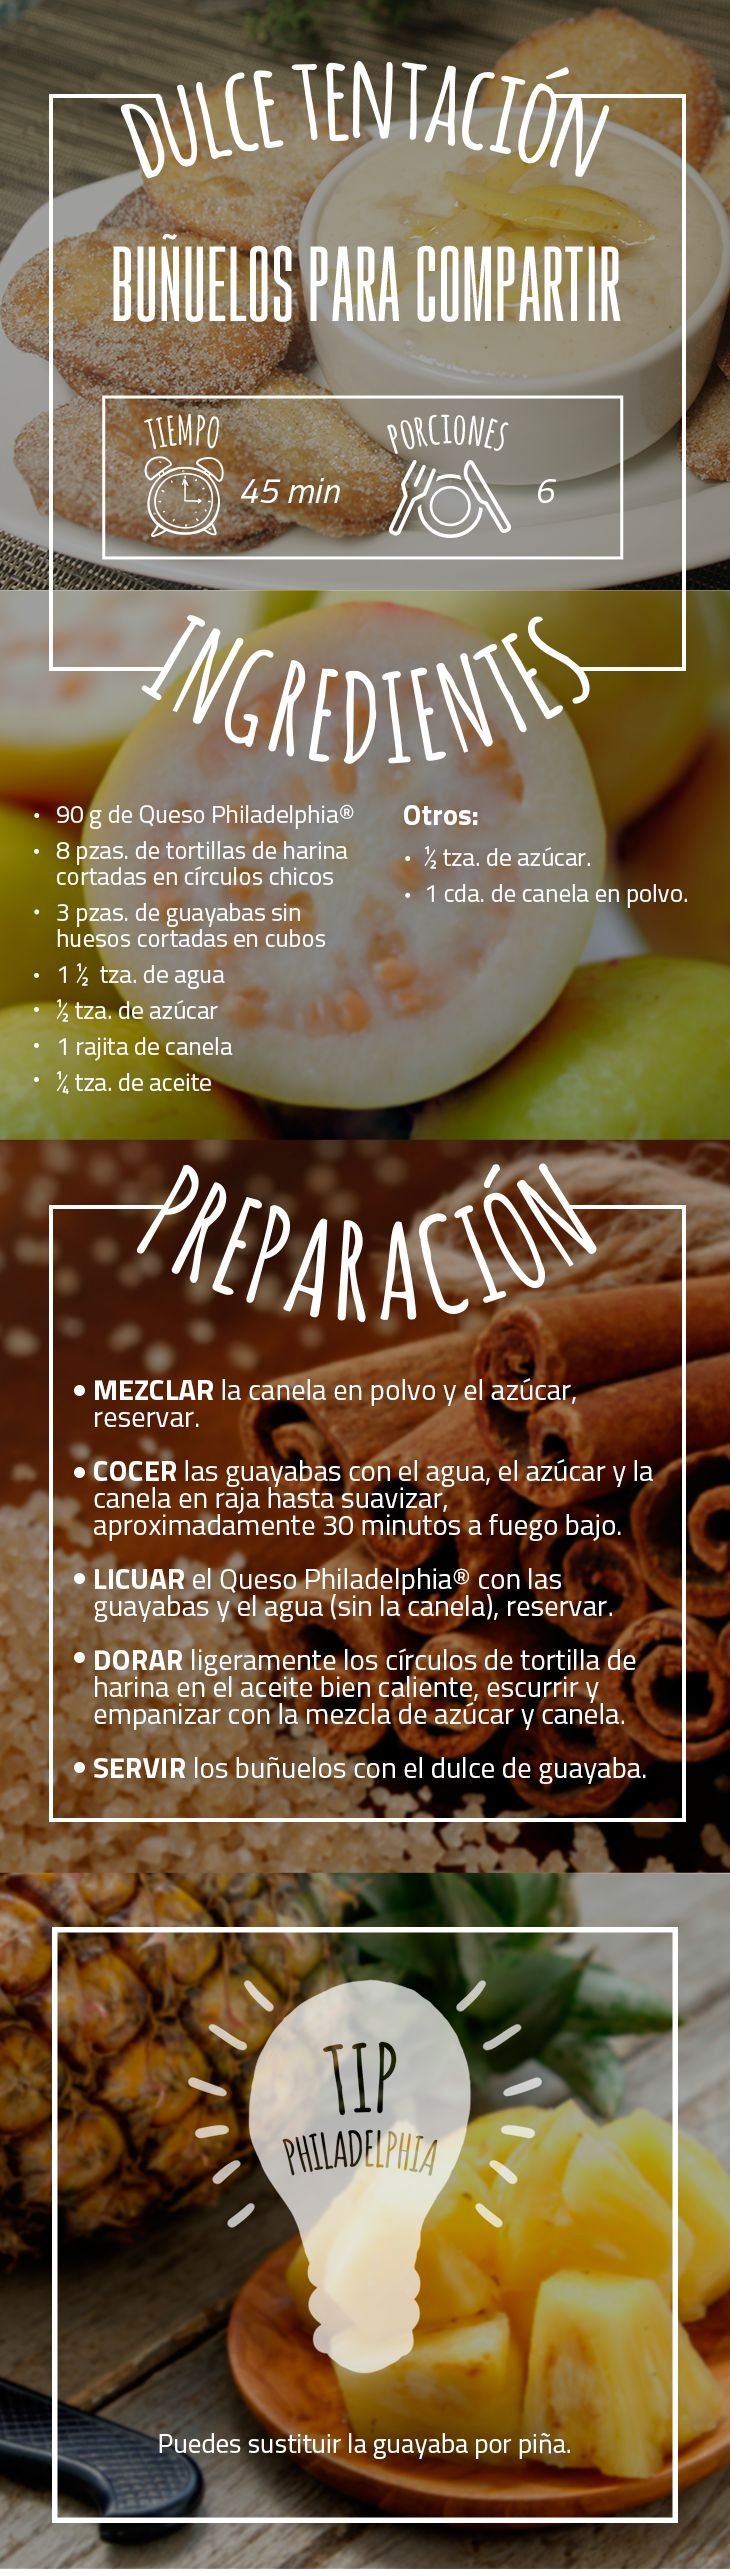 Los mejores momentos siempre van acompañados de delicias caseras.     #Buñuelo #PostrePhiladelphia #QuesoPhiladelphia #PineaAquí #BuñuelosParaCompartir